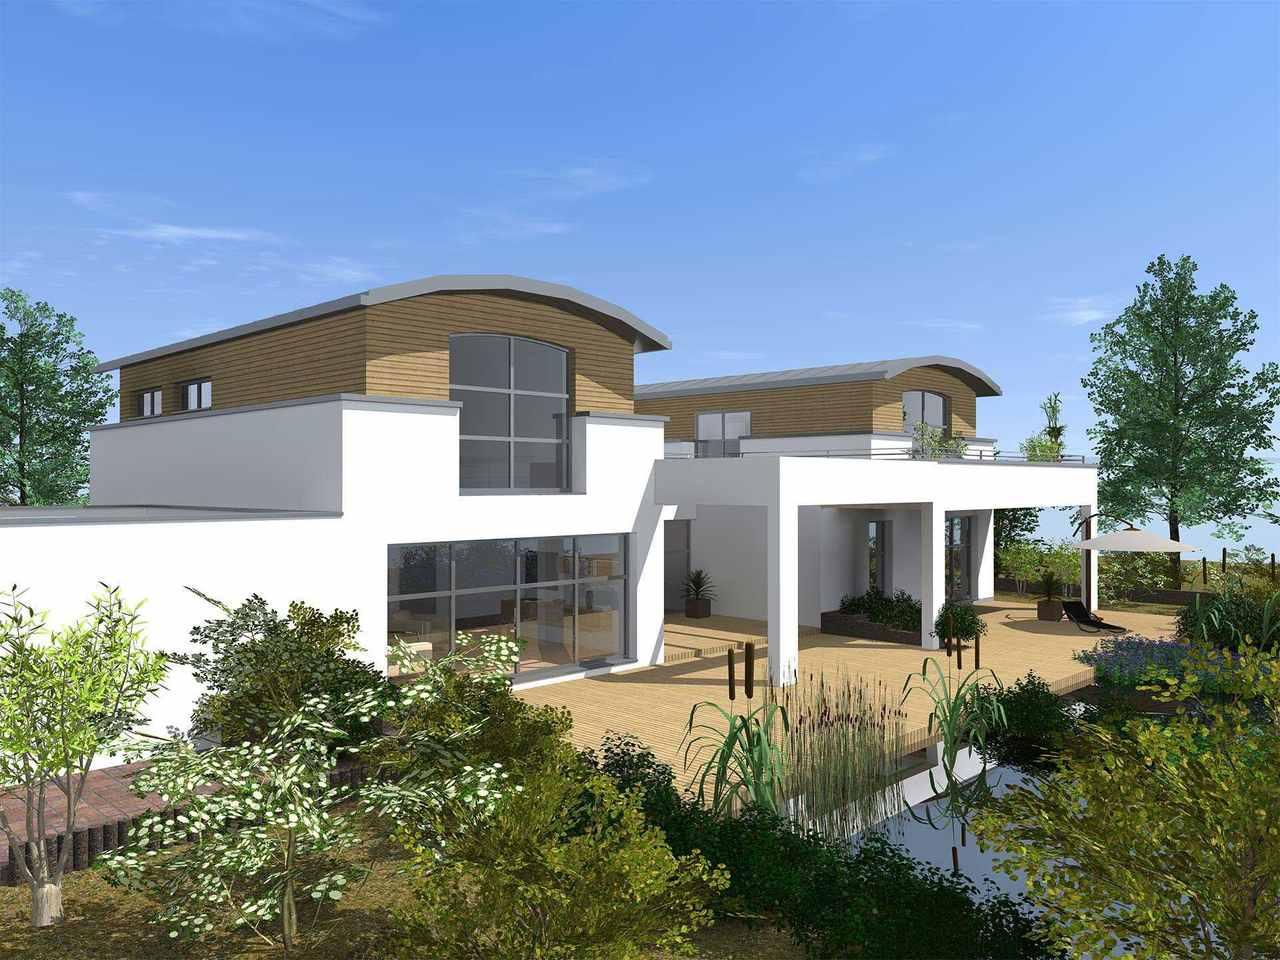 Comfort 310 Terrasse von der Seite (Putz- und Holzfassade)